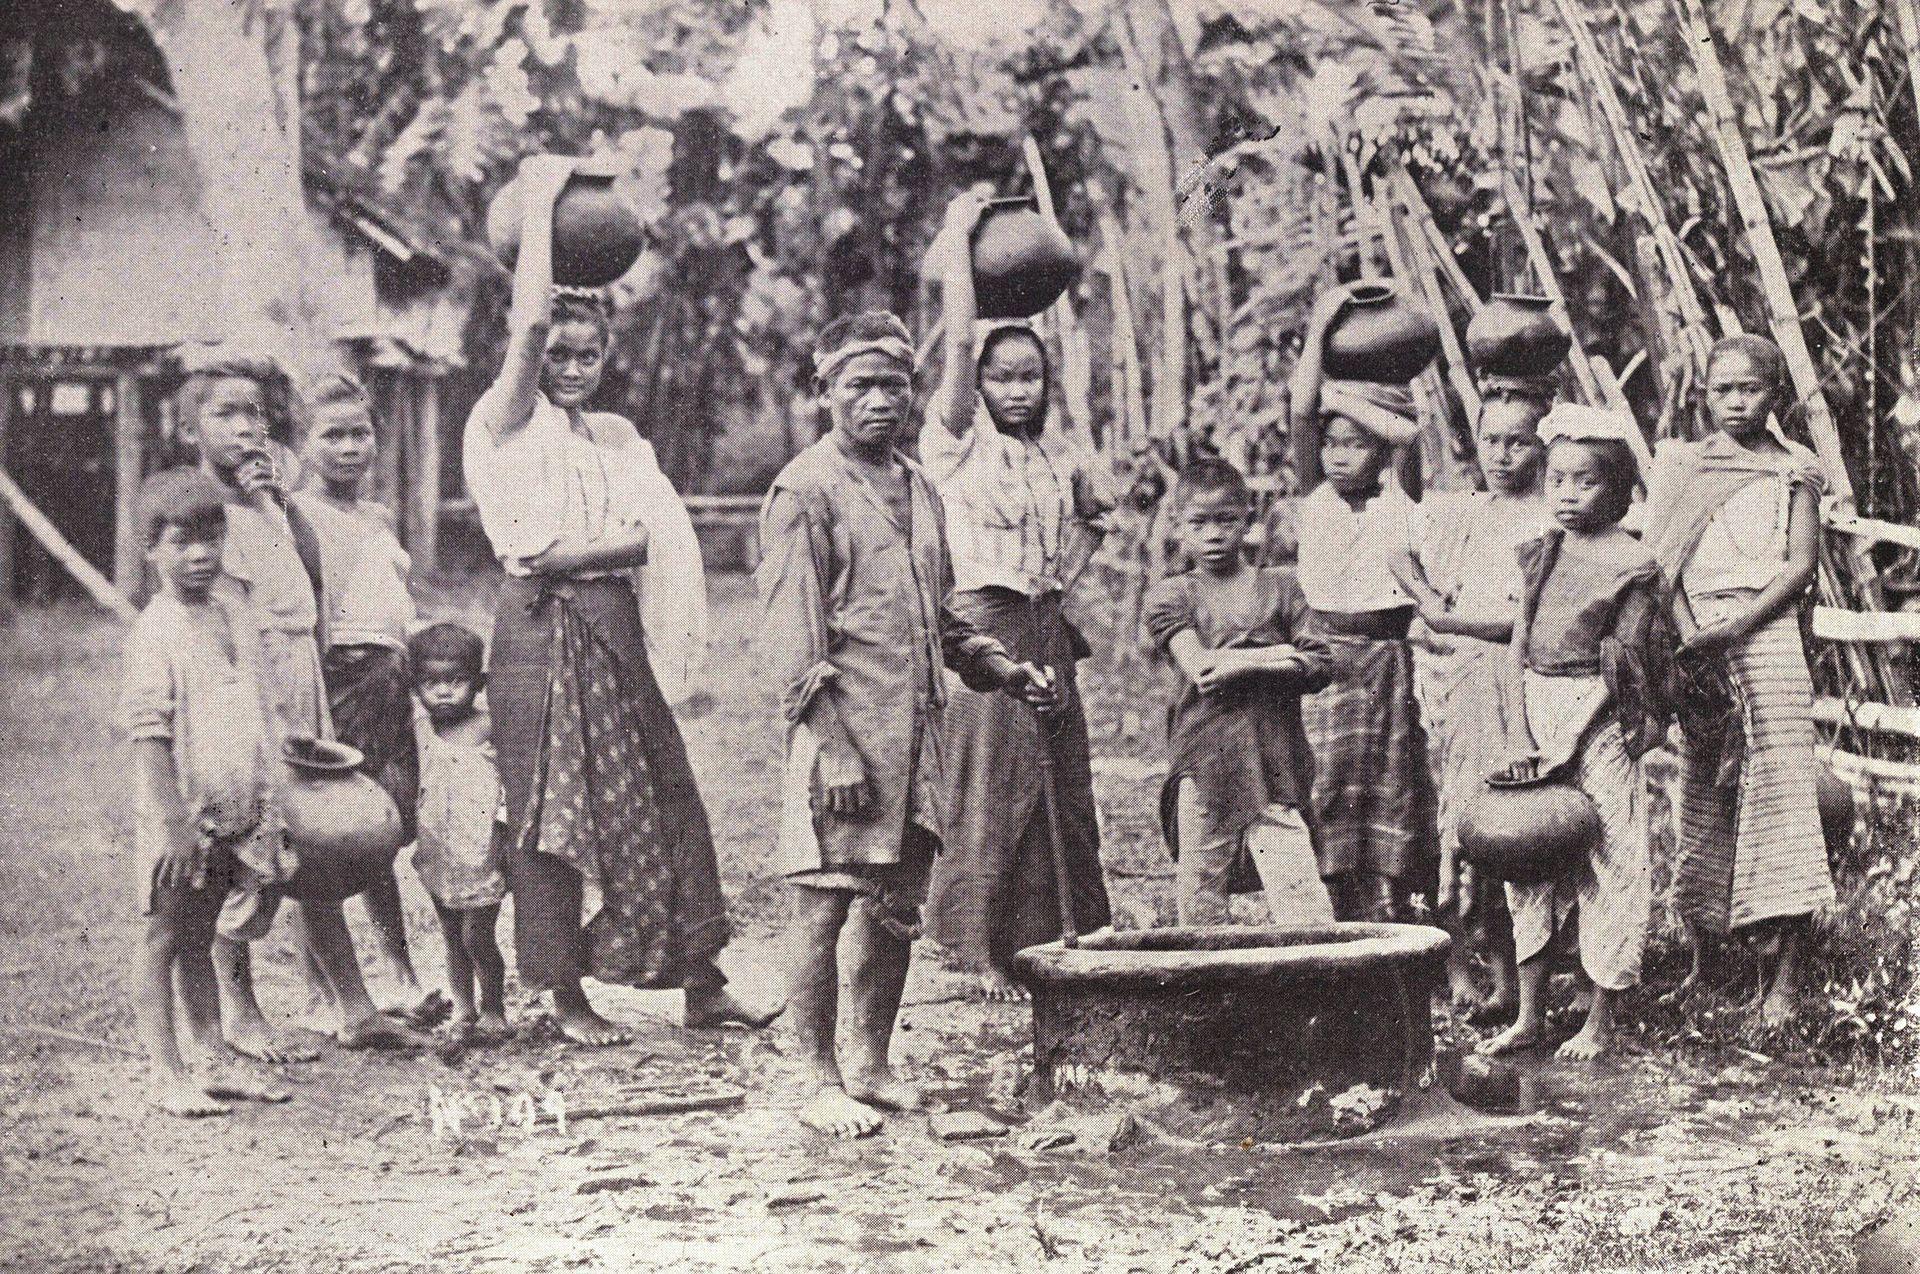 Orang-orang Visayas   Foto oleh Alden March, tahun 1899.